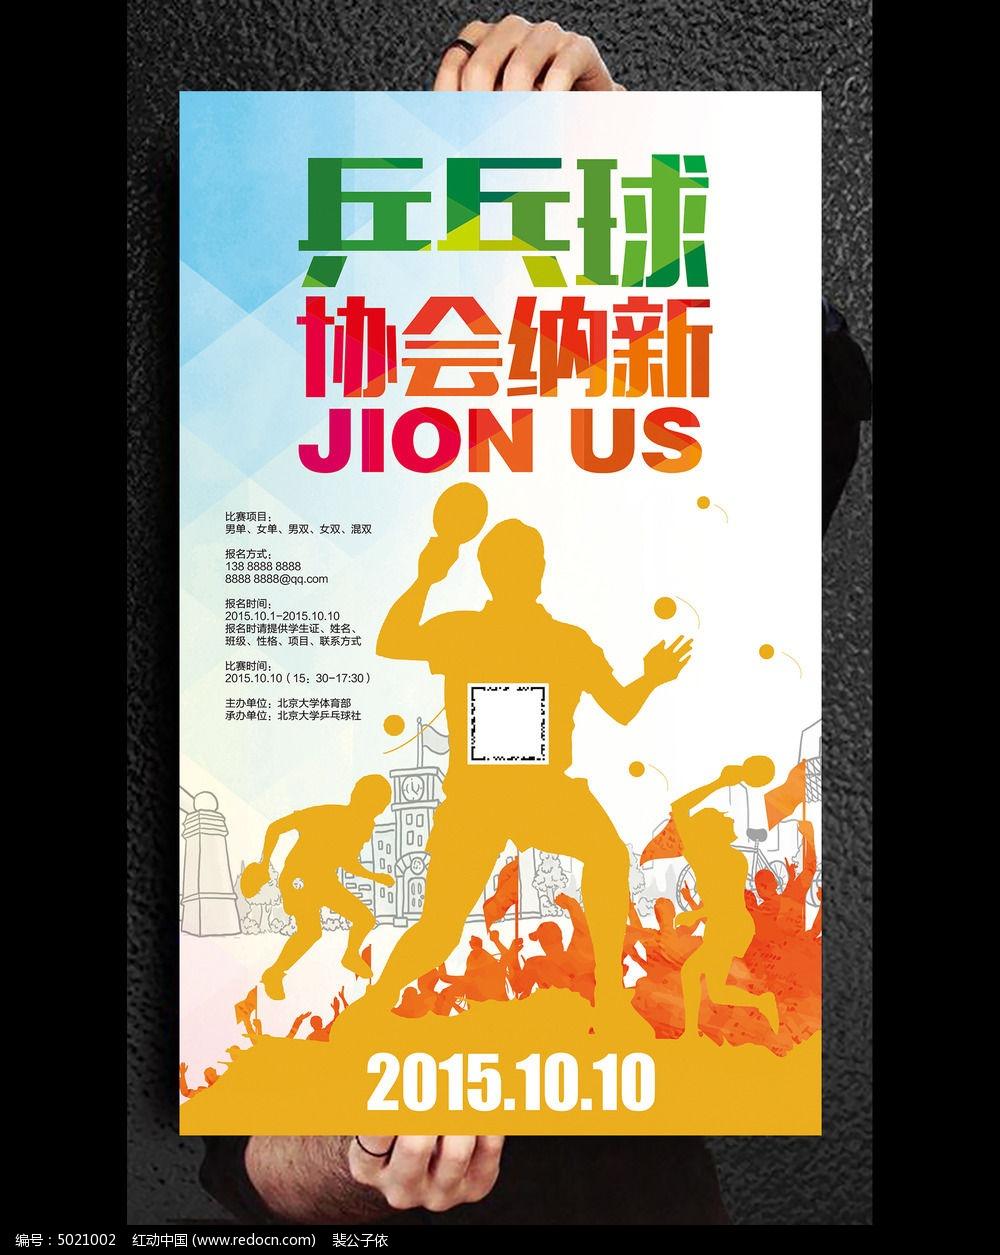 乒乓球协会纳新海报模板设计psd素材下载